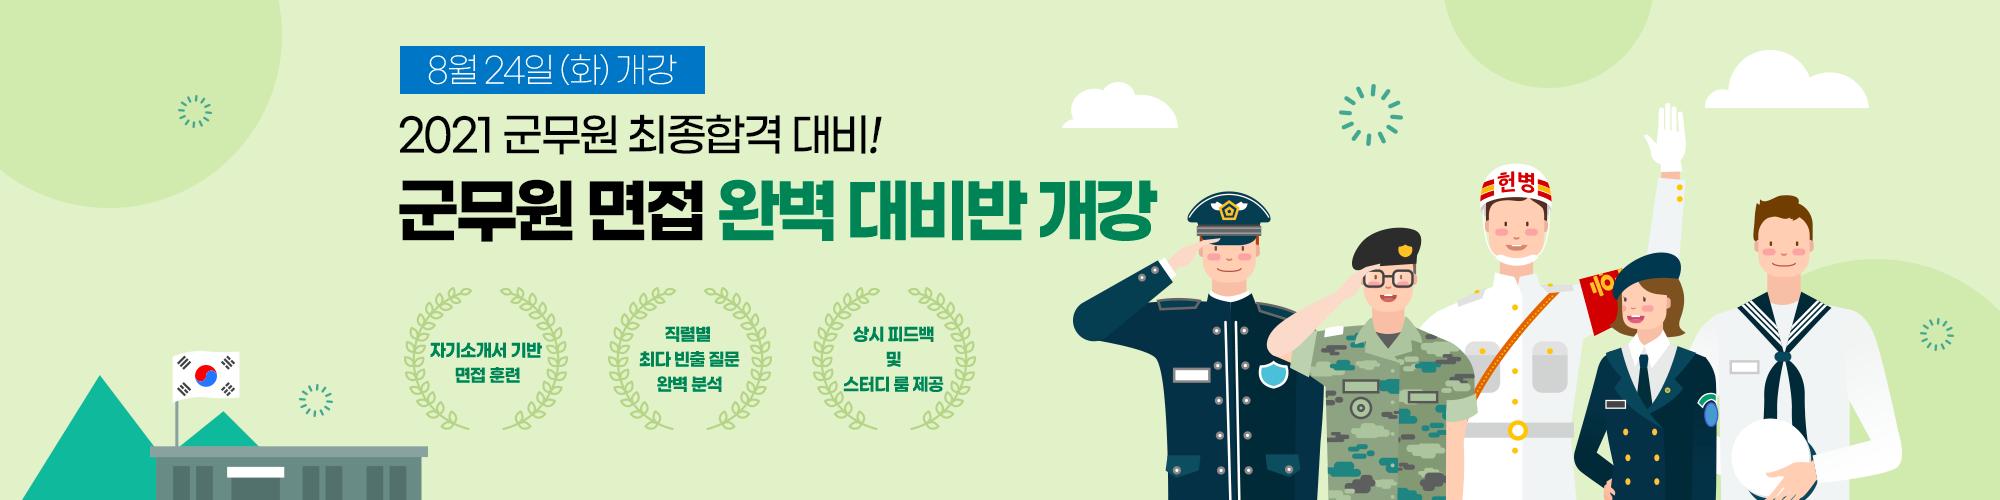 군무원면접